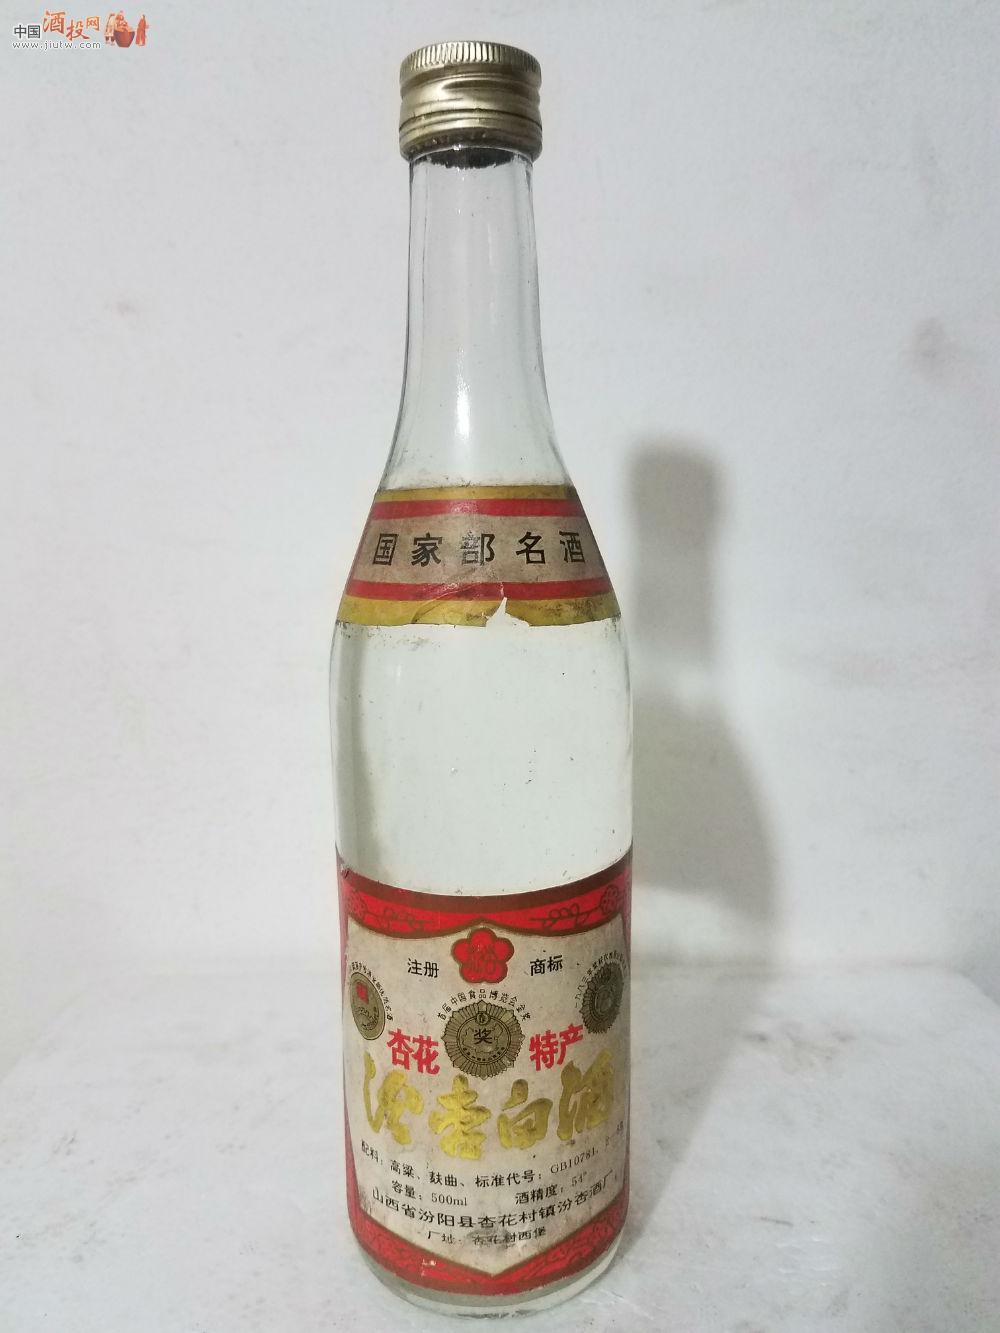 1 生产日期:1992年07月03日 生产厂家:山西省汾阳县杏花村镇汾杏酒厂